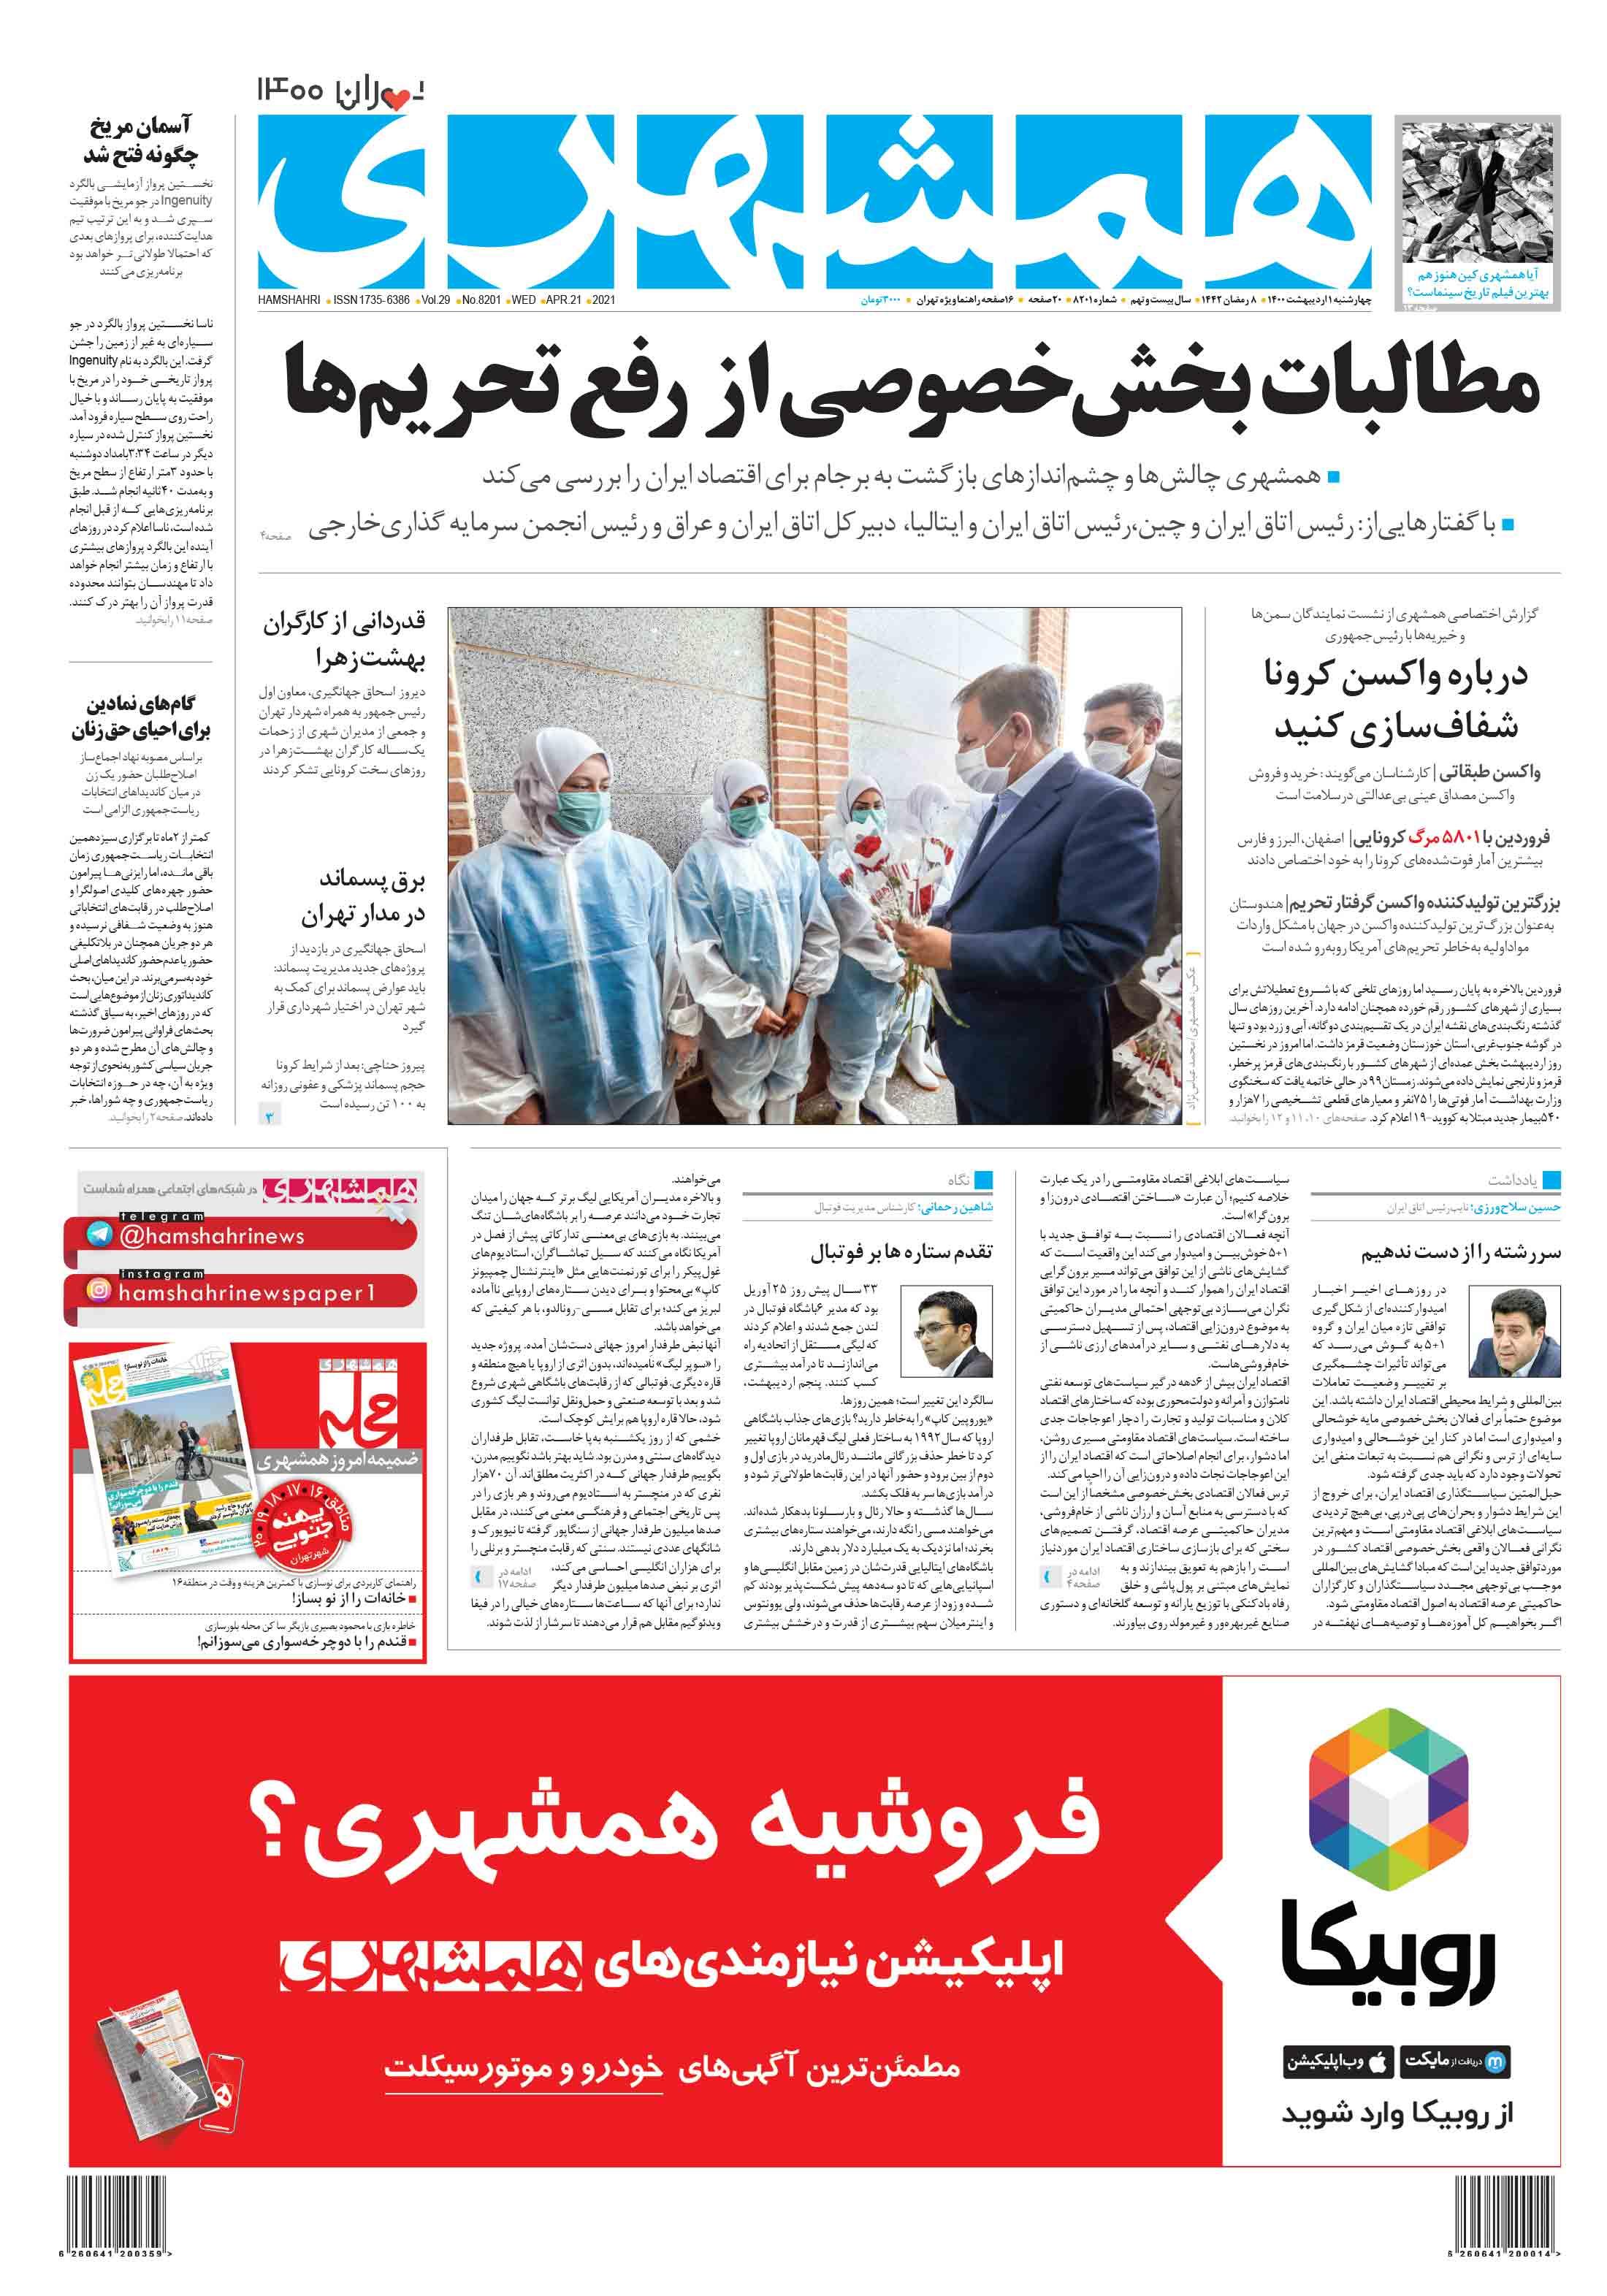 صفحه اول چهارشنبه 1 اردیبهشت 1400